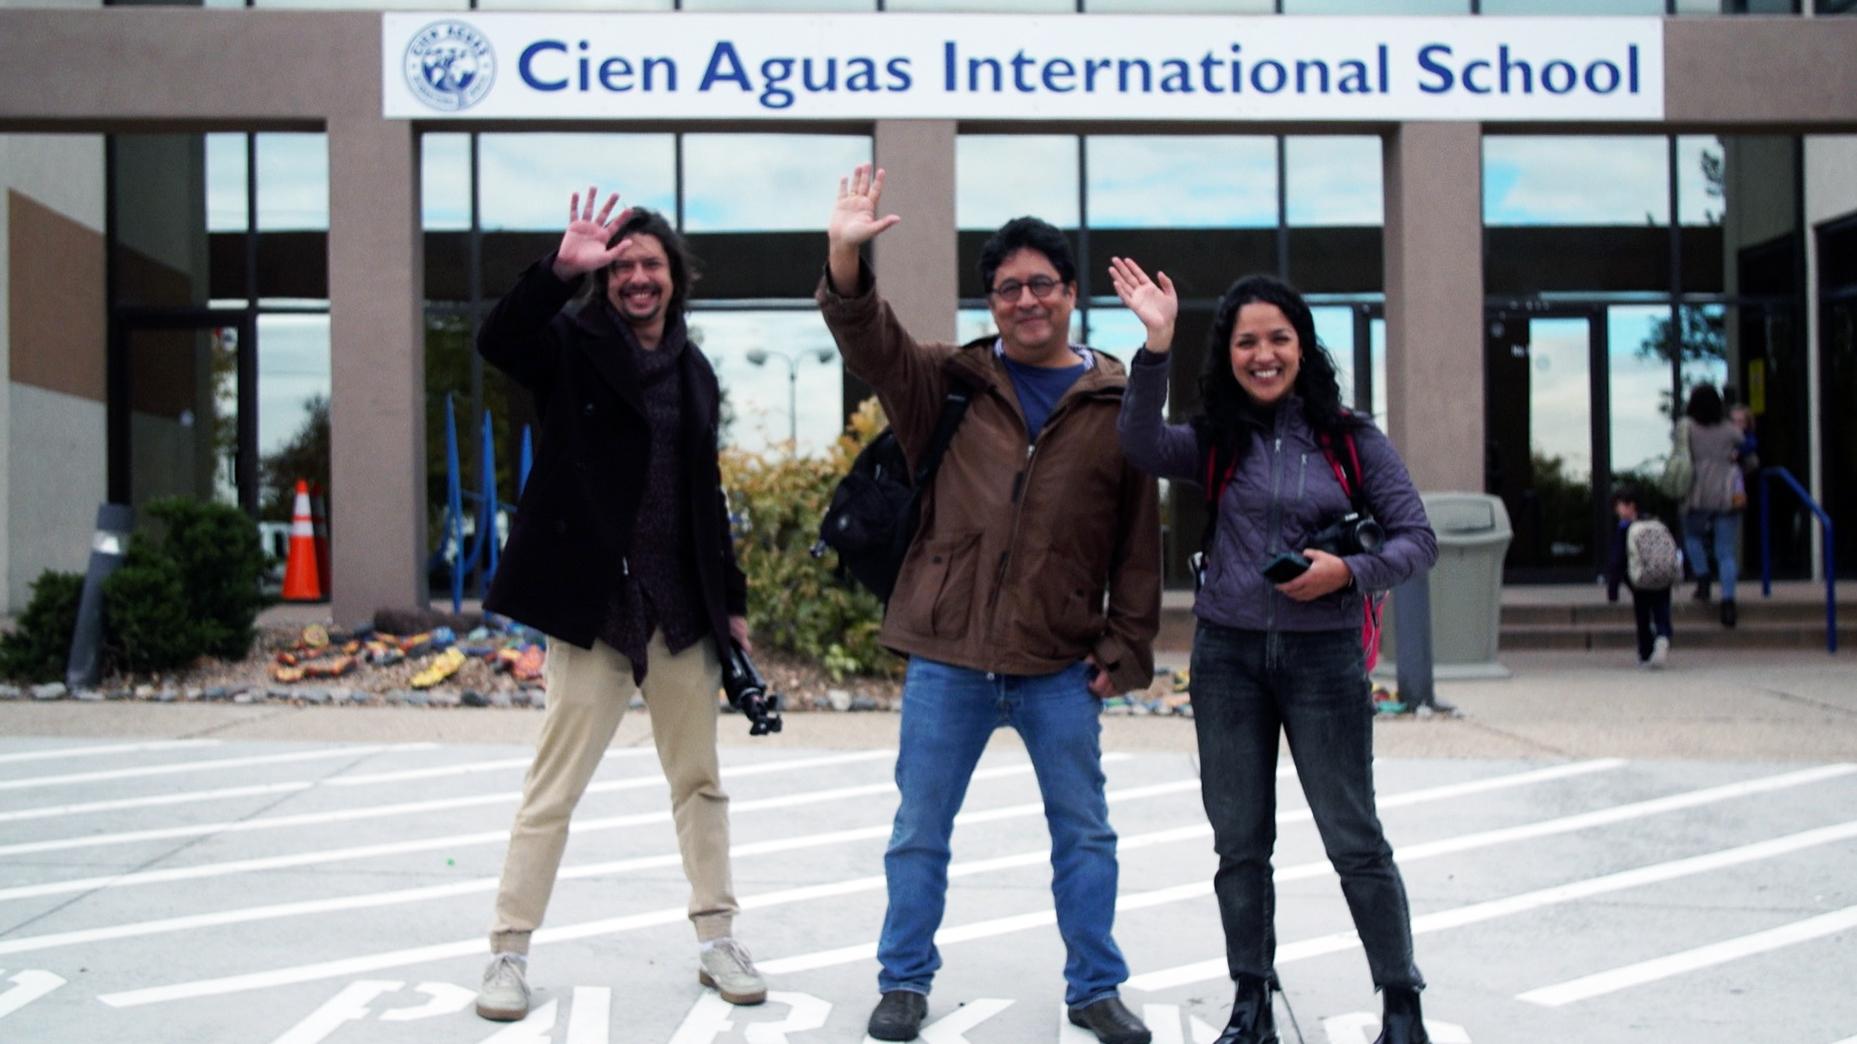 Tres de los cuatro periodistas de ¿Hablas español? se despedían del colegio bilingüe de Albuquerque, Nuevo México.